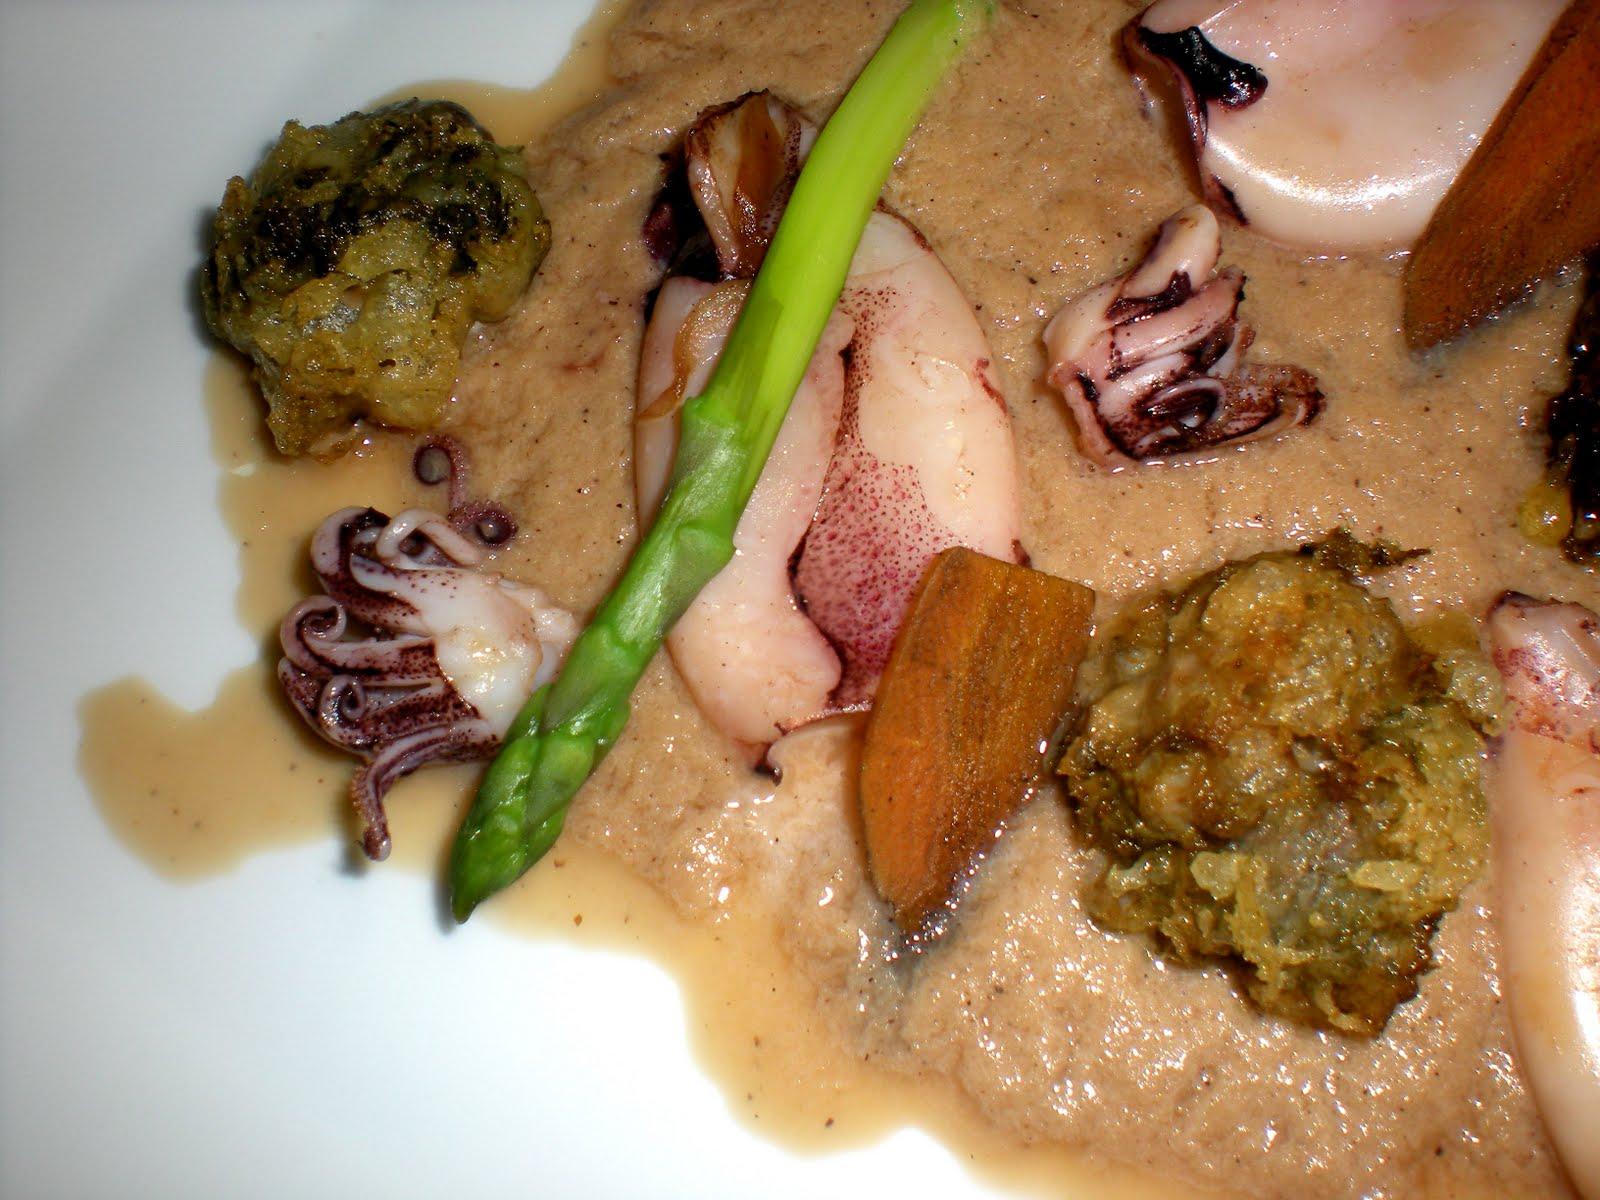 Aula de cocina porto mui os recetas 2009 for Cocinar ortiguillas